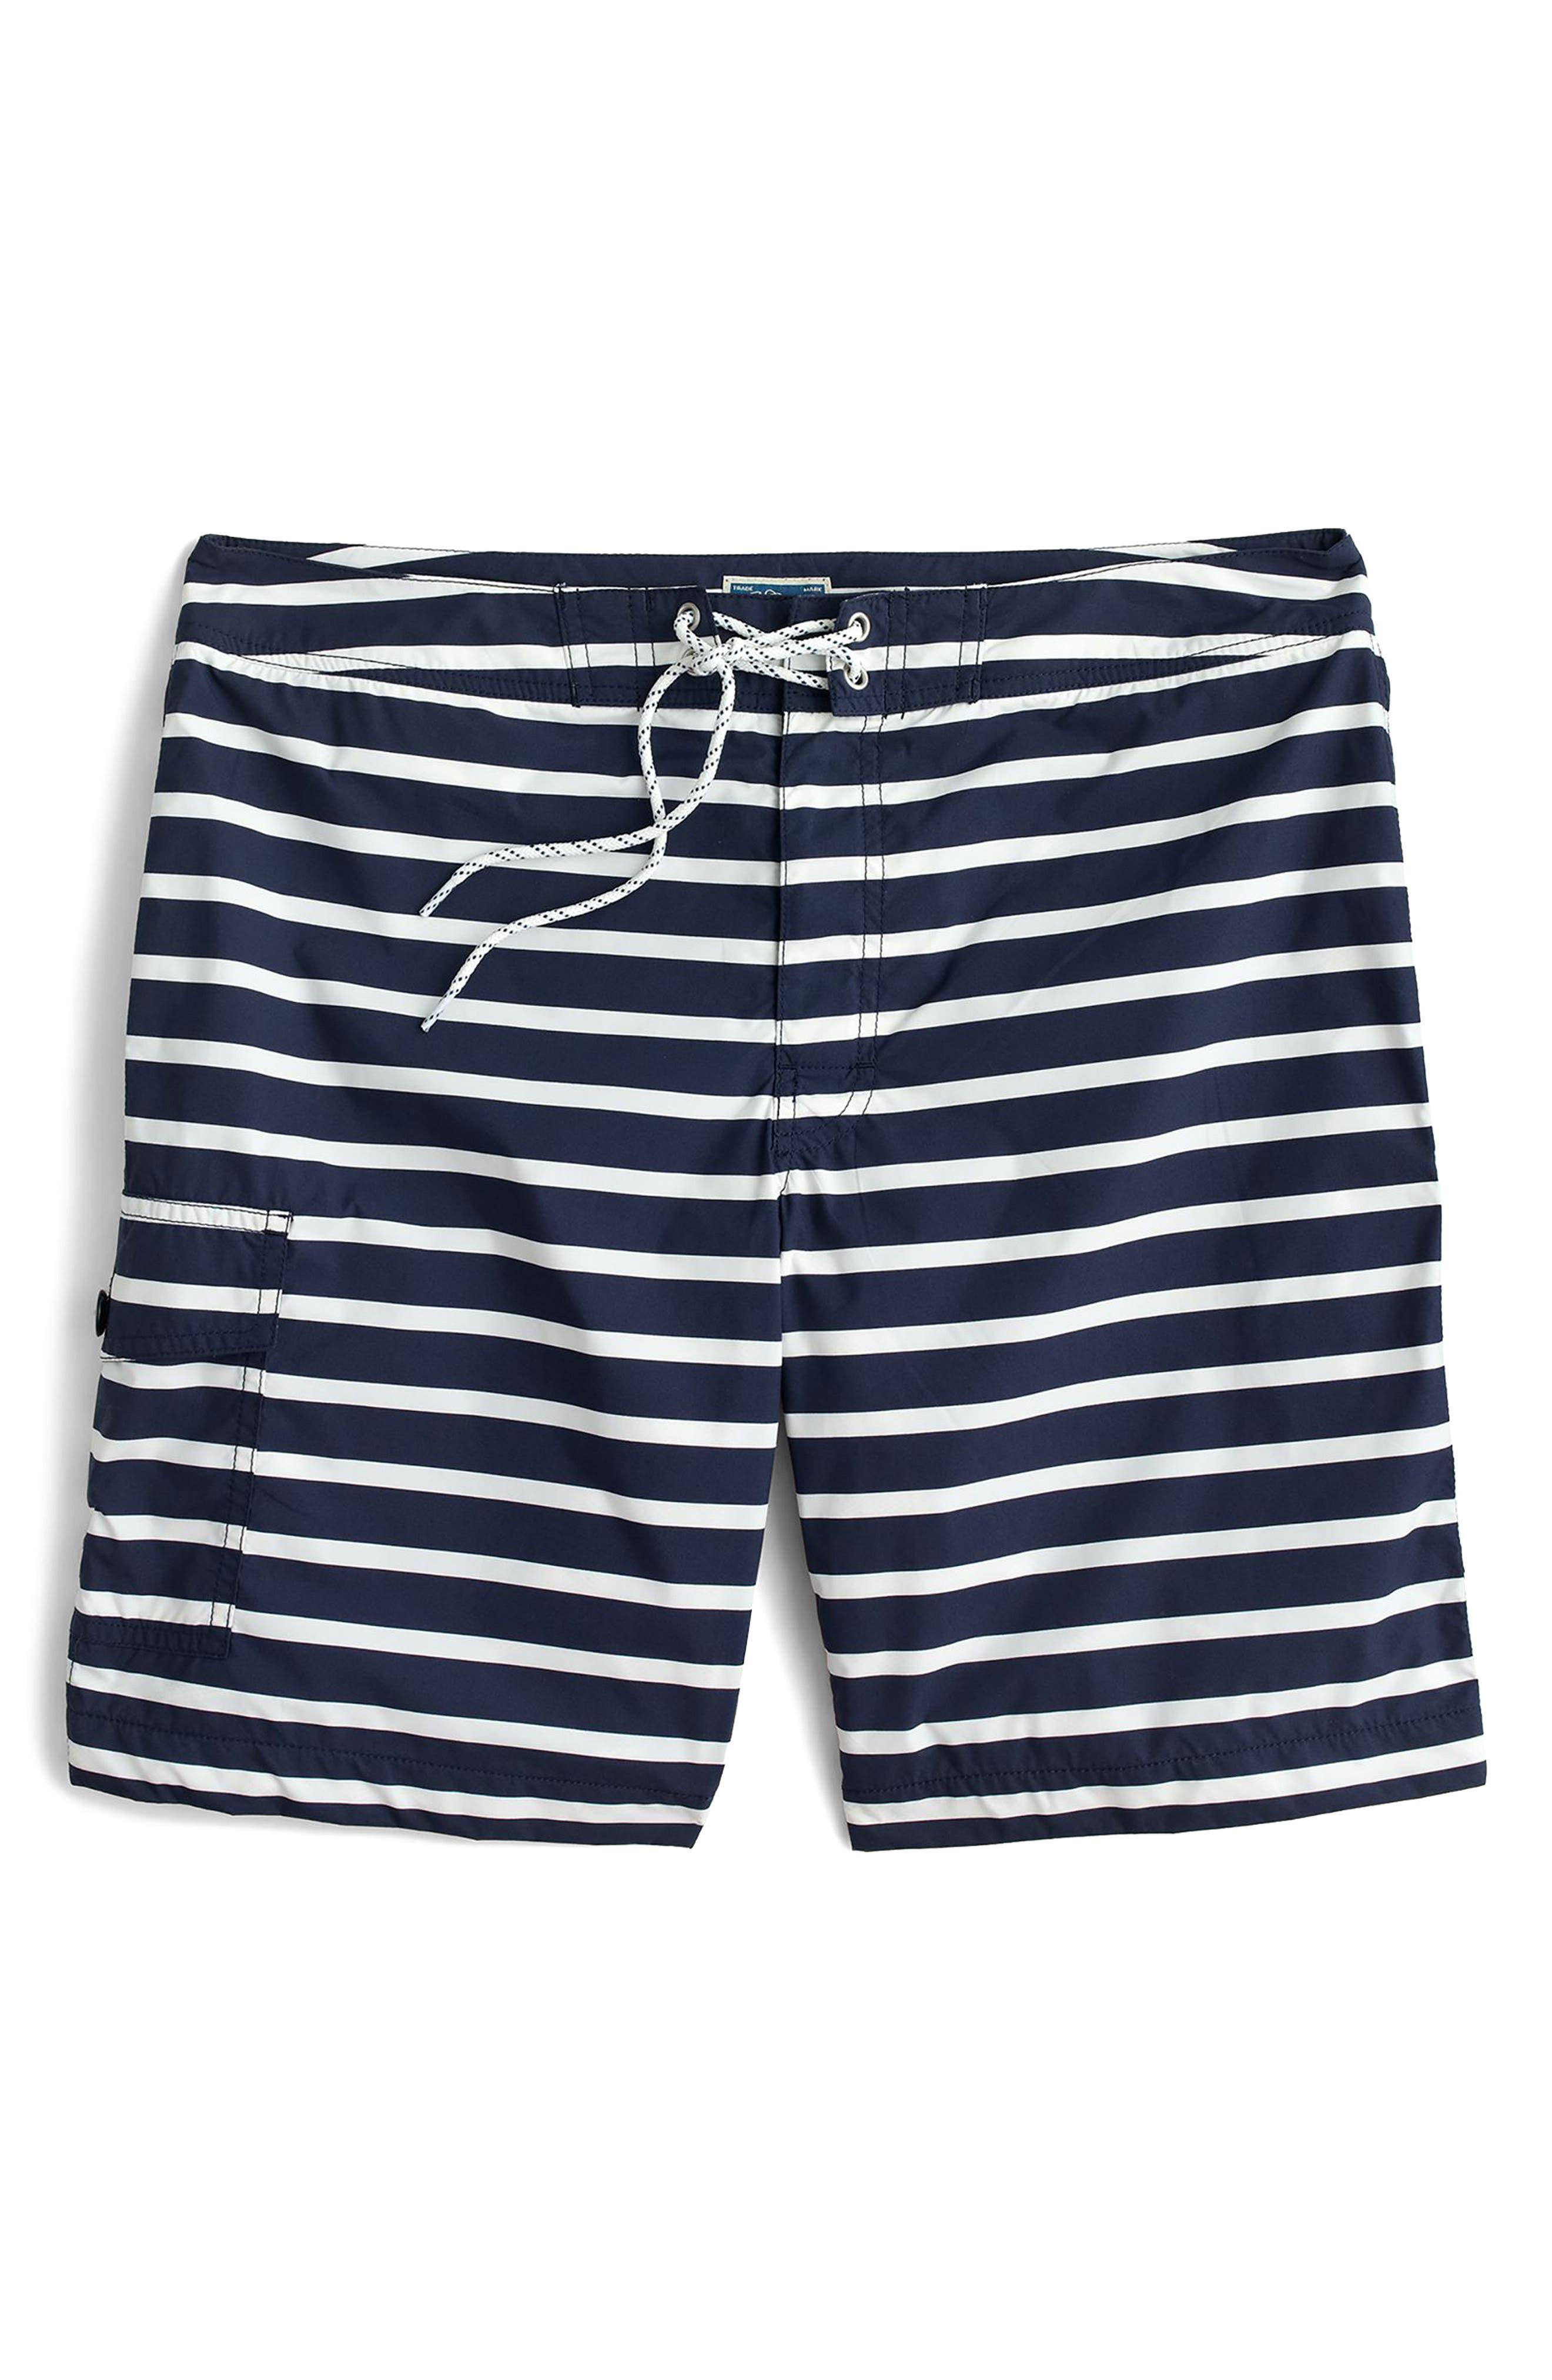 J.Crew Stripe Swim Trunks,                             Alternate thumbnail 4, color,                             Navy White